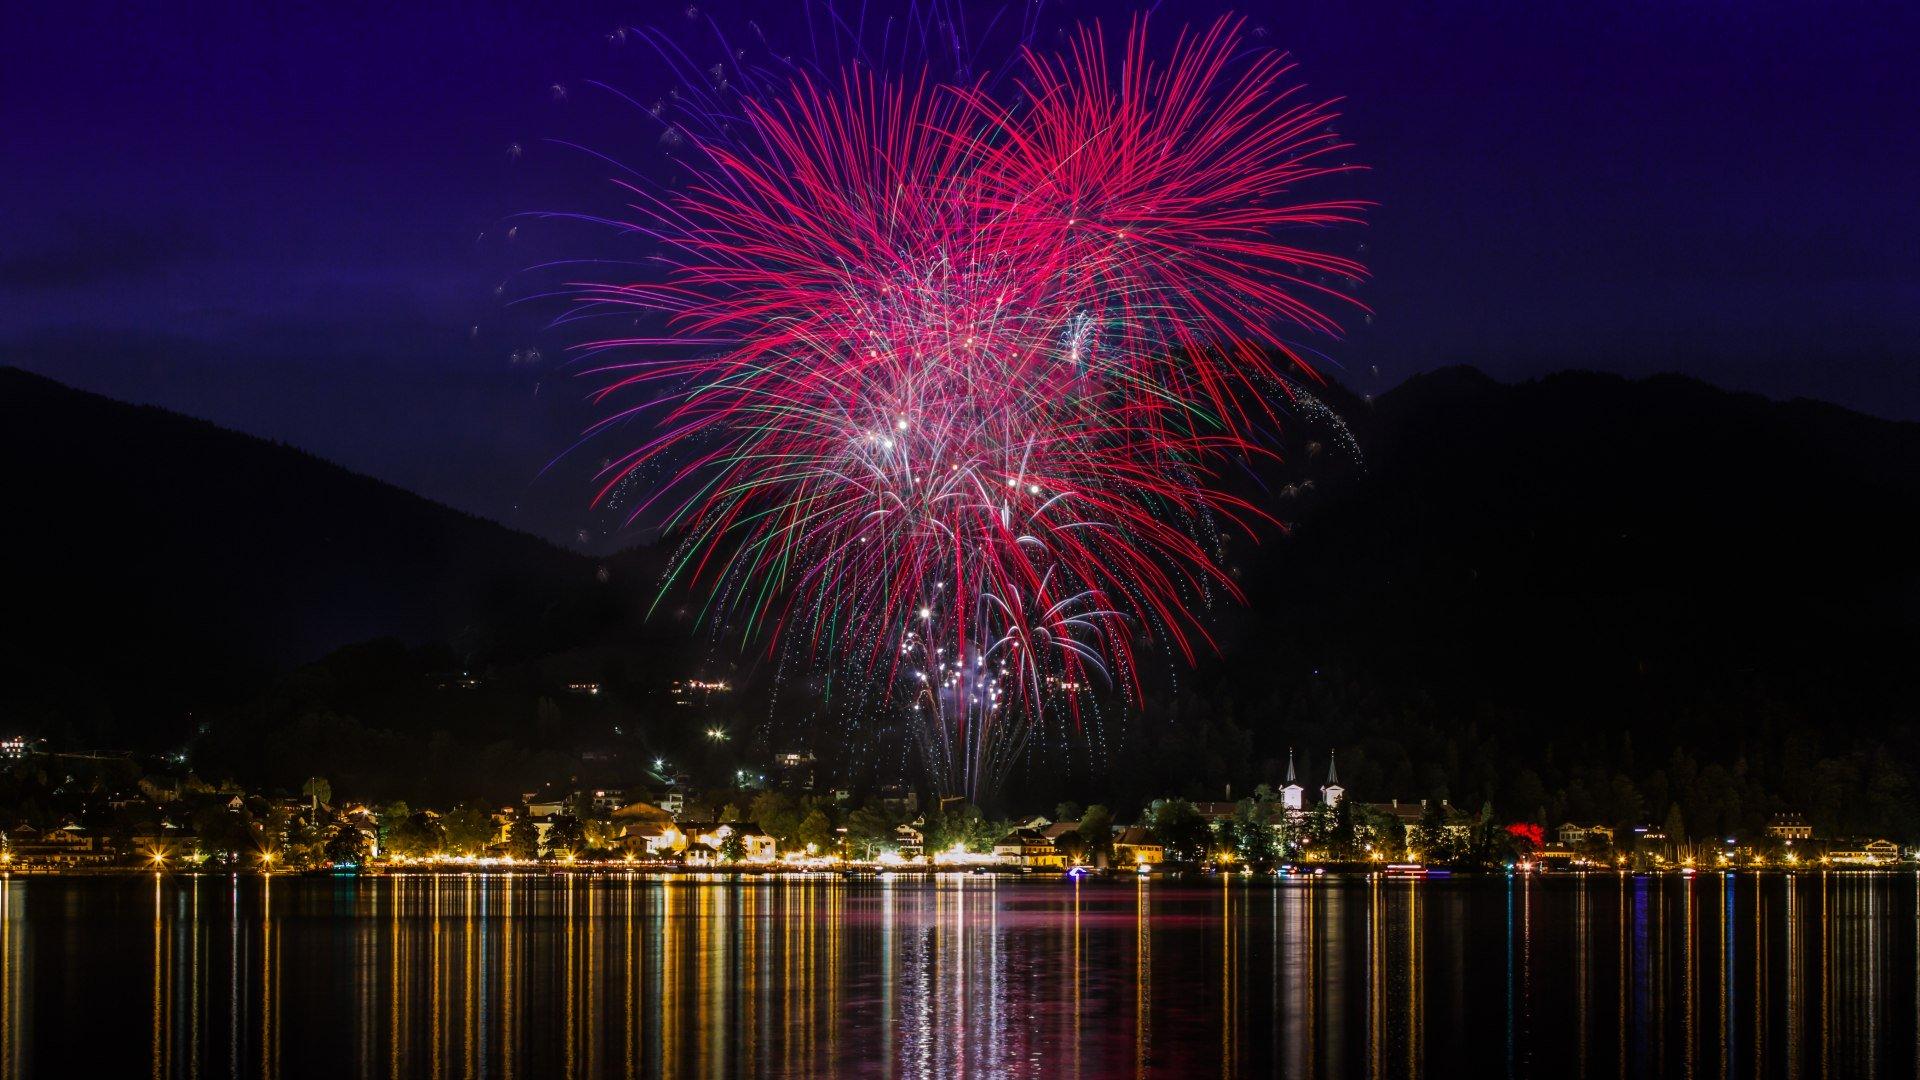 Feuerwerk beim Seefest der Stadt Tegernsee, © Christoph Schempershofe